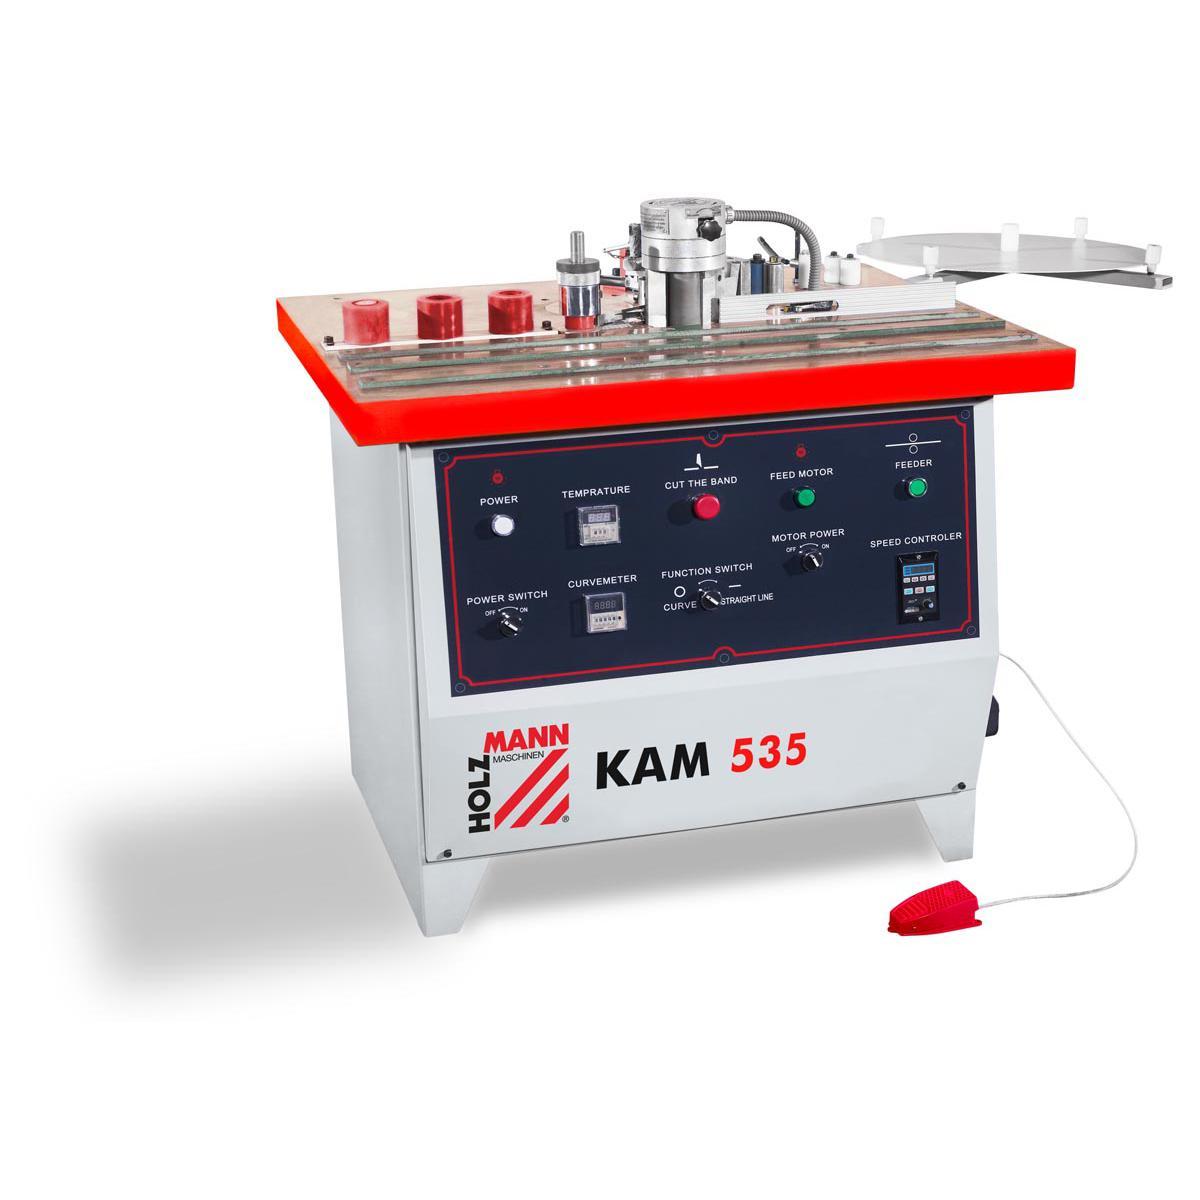 KAM535